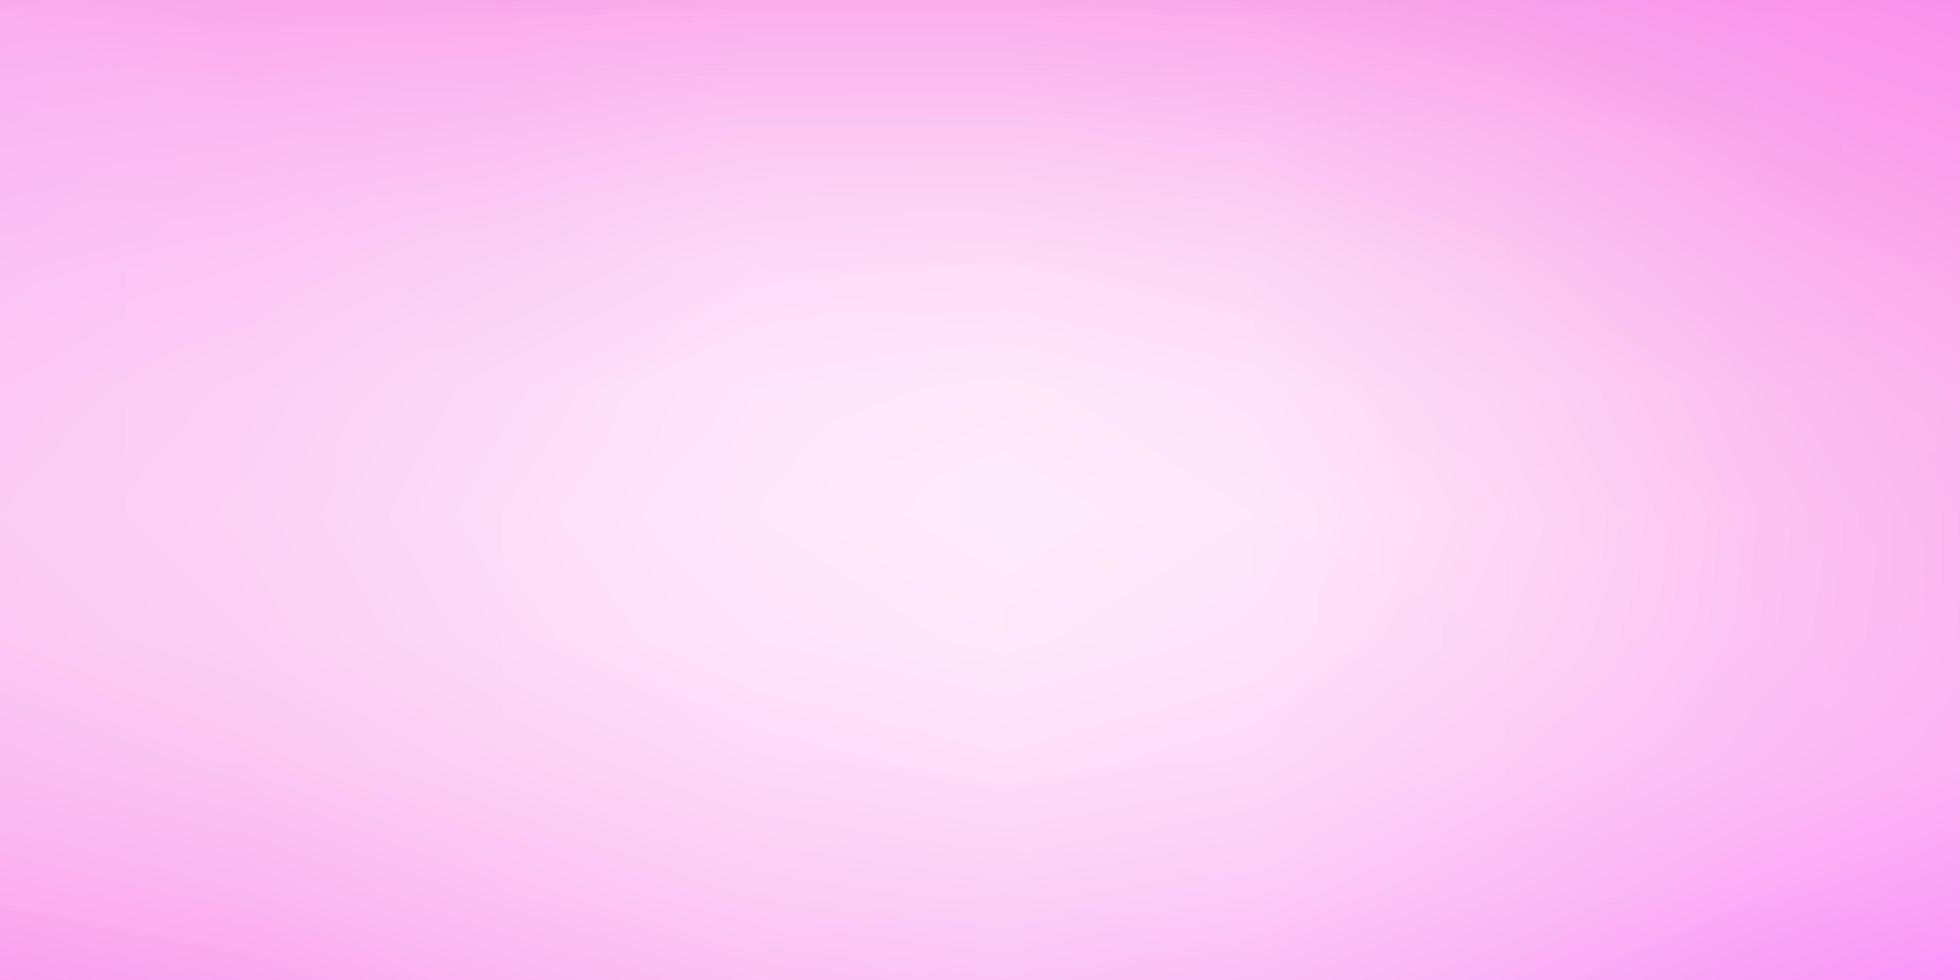 plantilla brillante abstracta rosa claro. vector